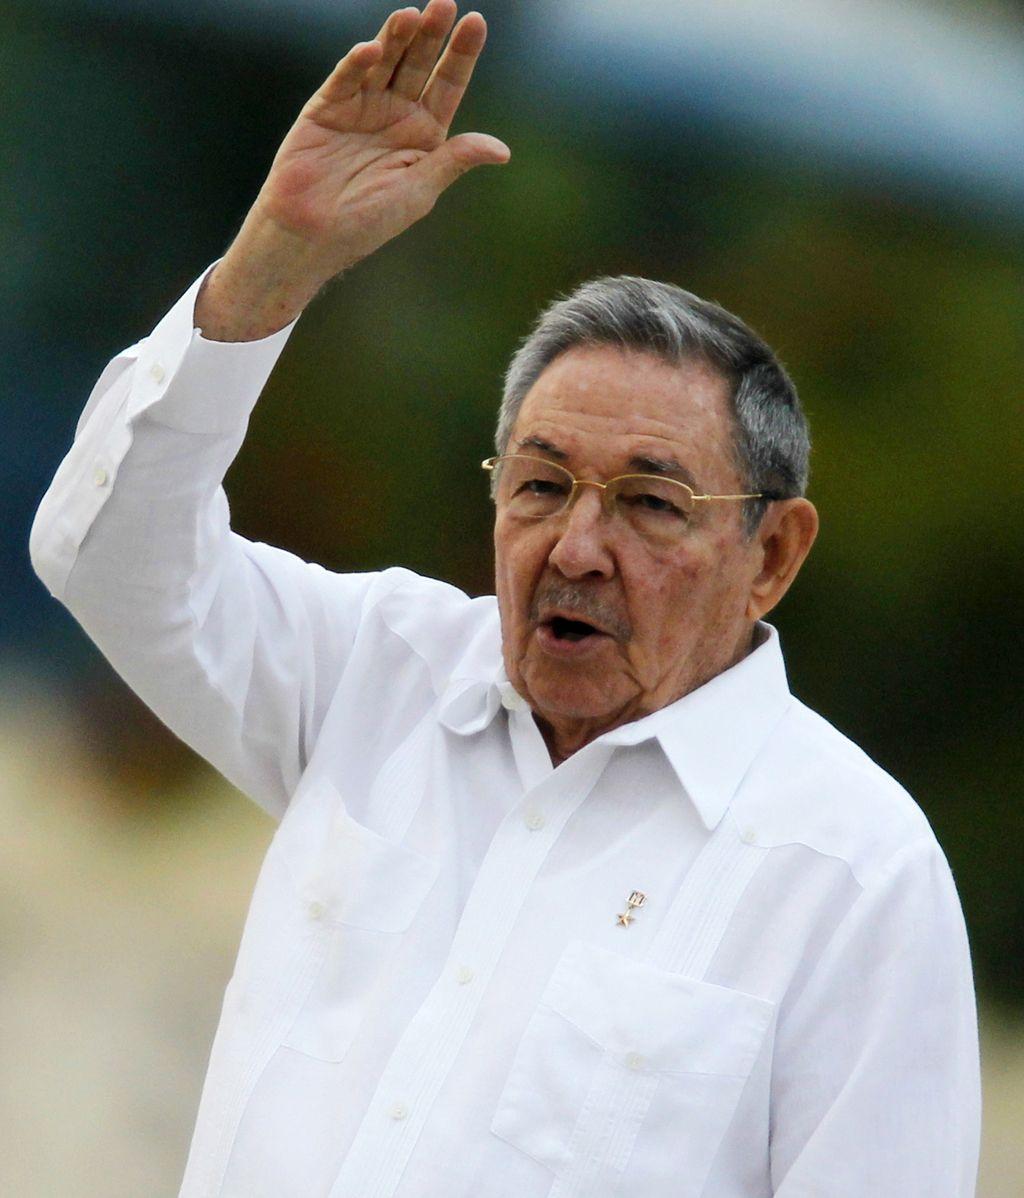 El dirigente cubano cumple 5 años en el poder. Foto: Reuters